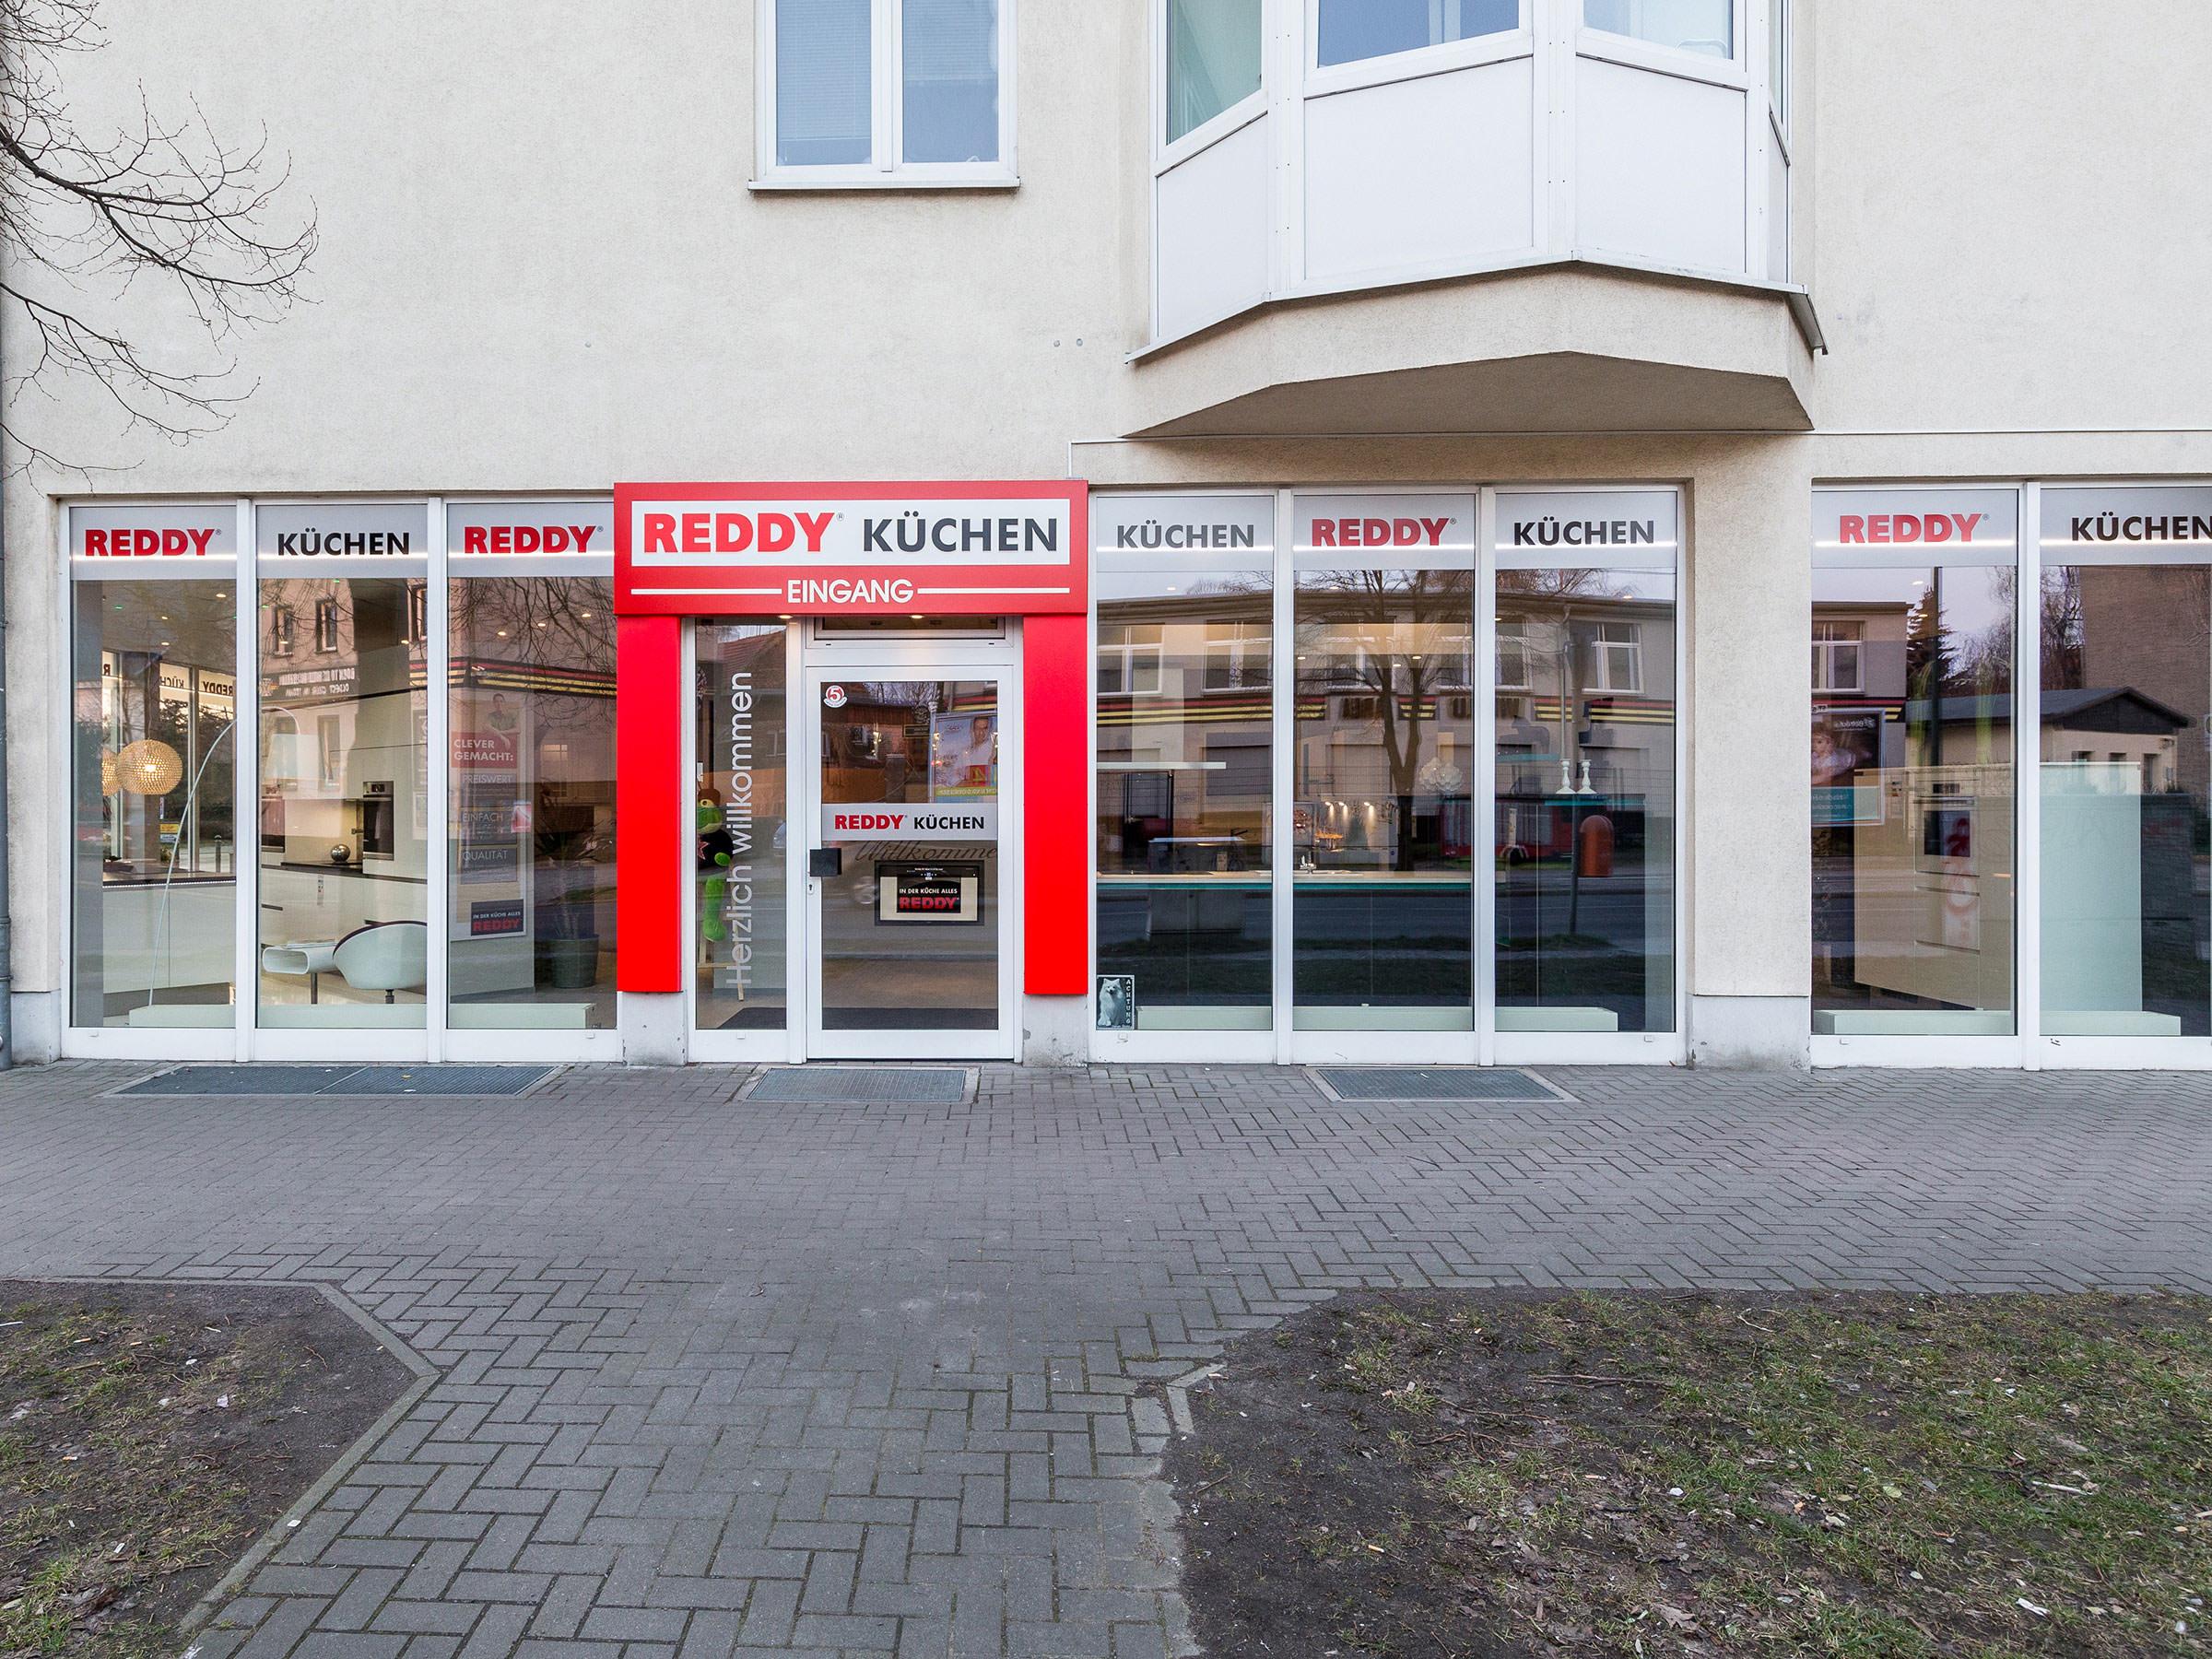 reddy k chen berlin in berlin branchenbuch deutschland. Black Bedroom Furniture Sets. Home Design Ideas